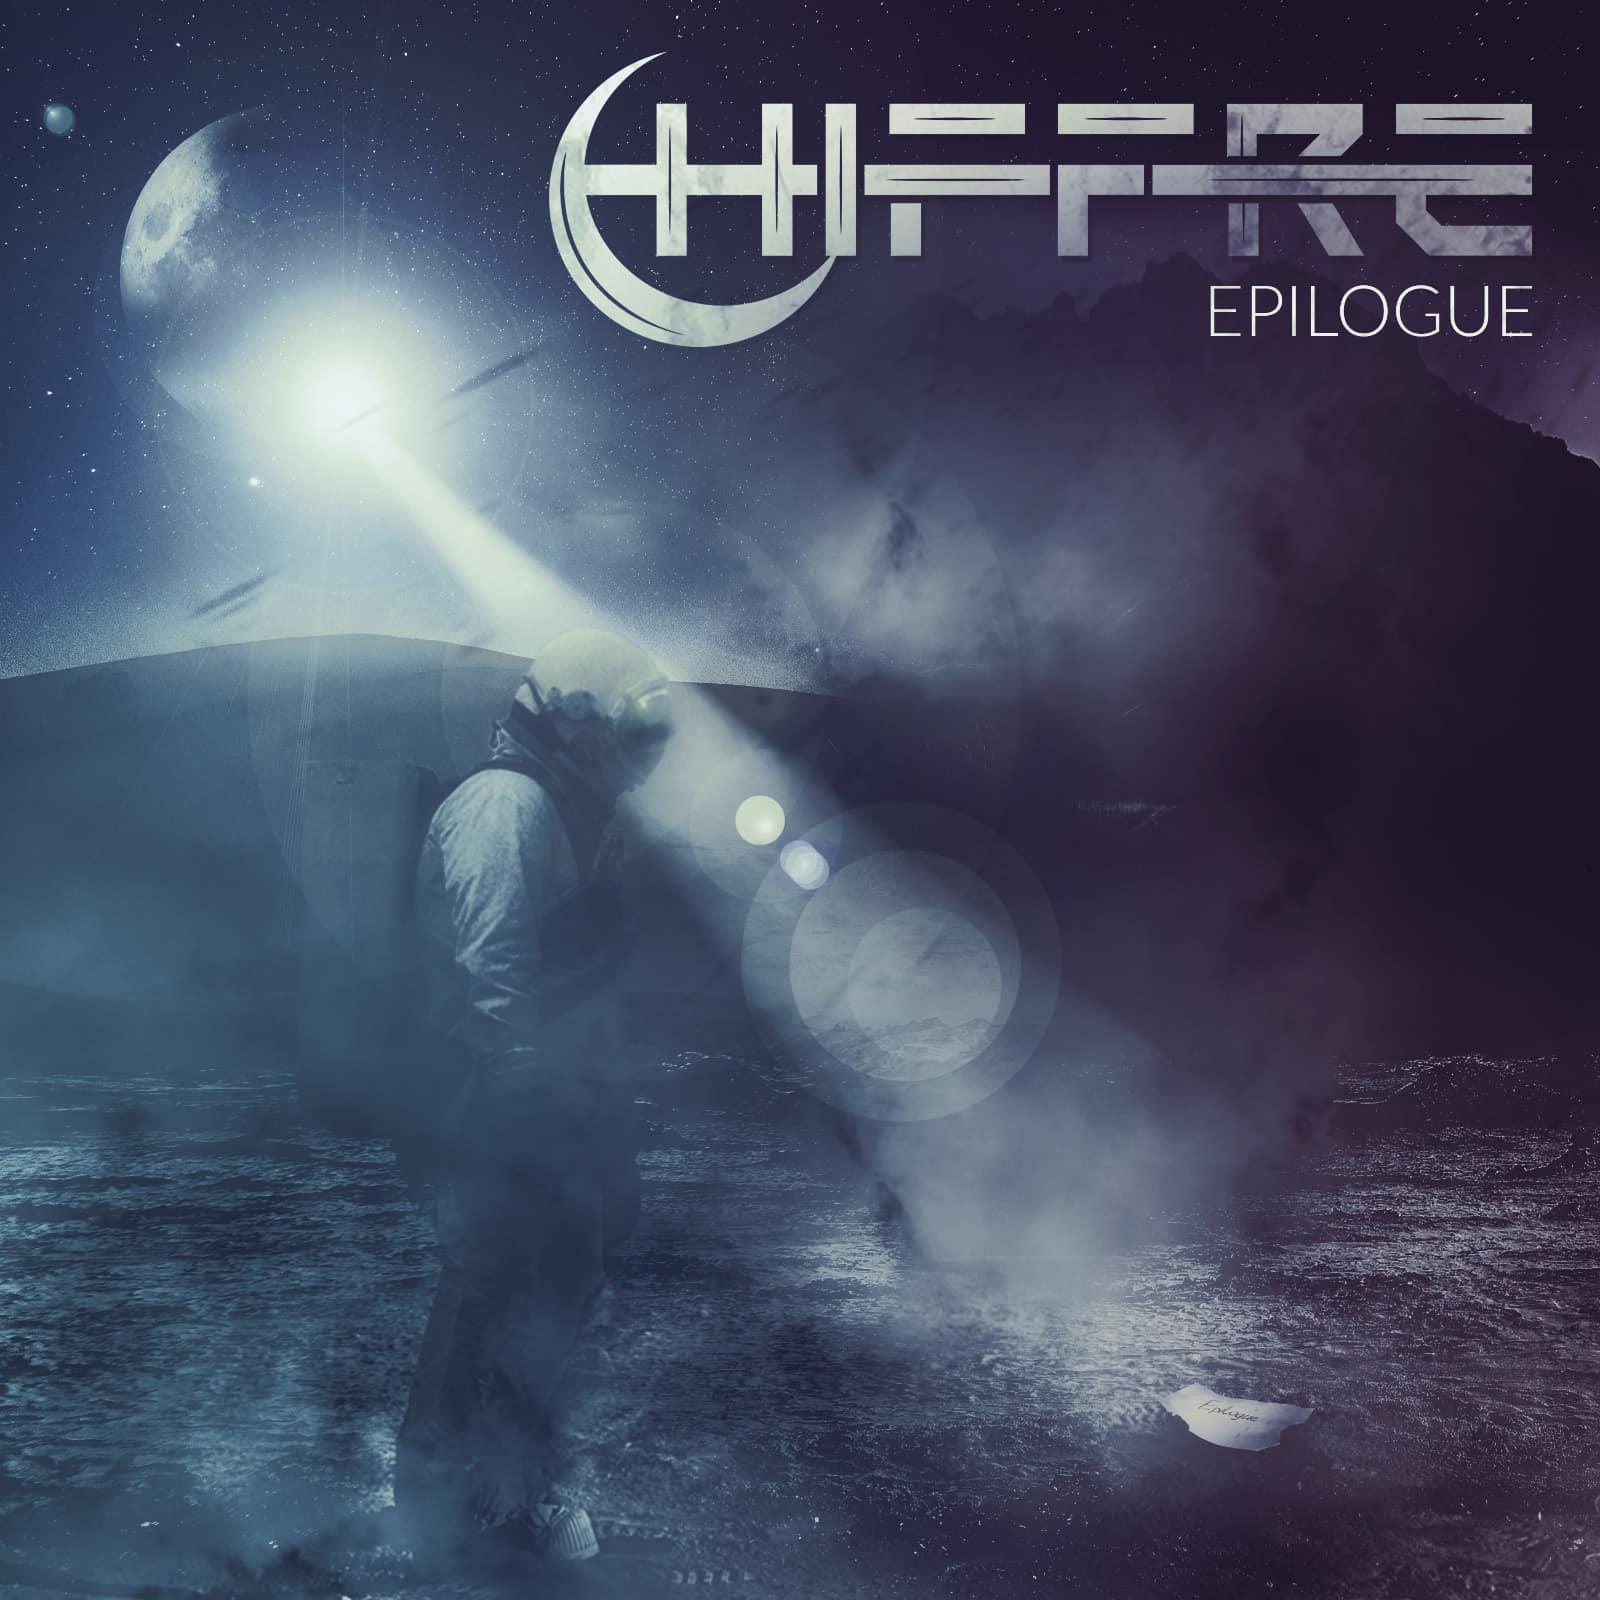 Chiffre - Epilogue [single] (2021)